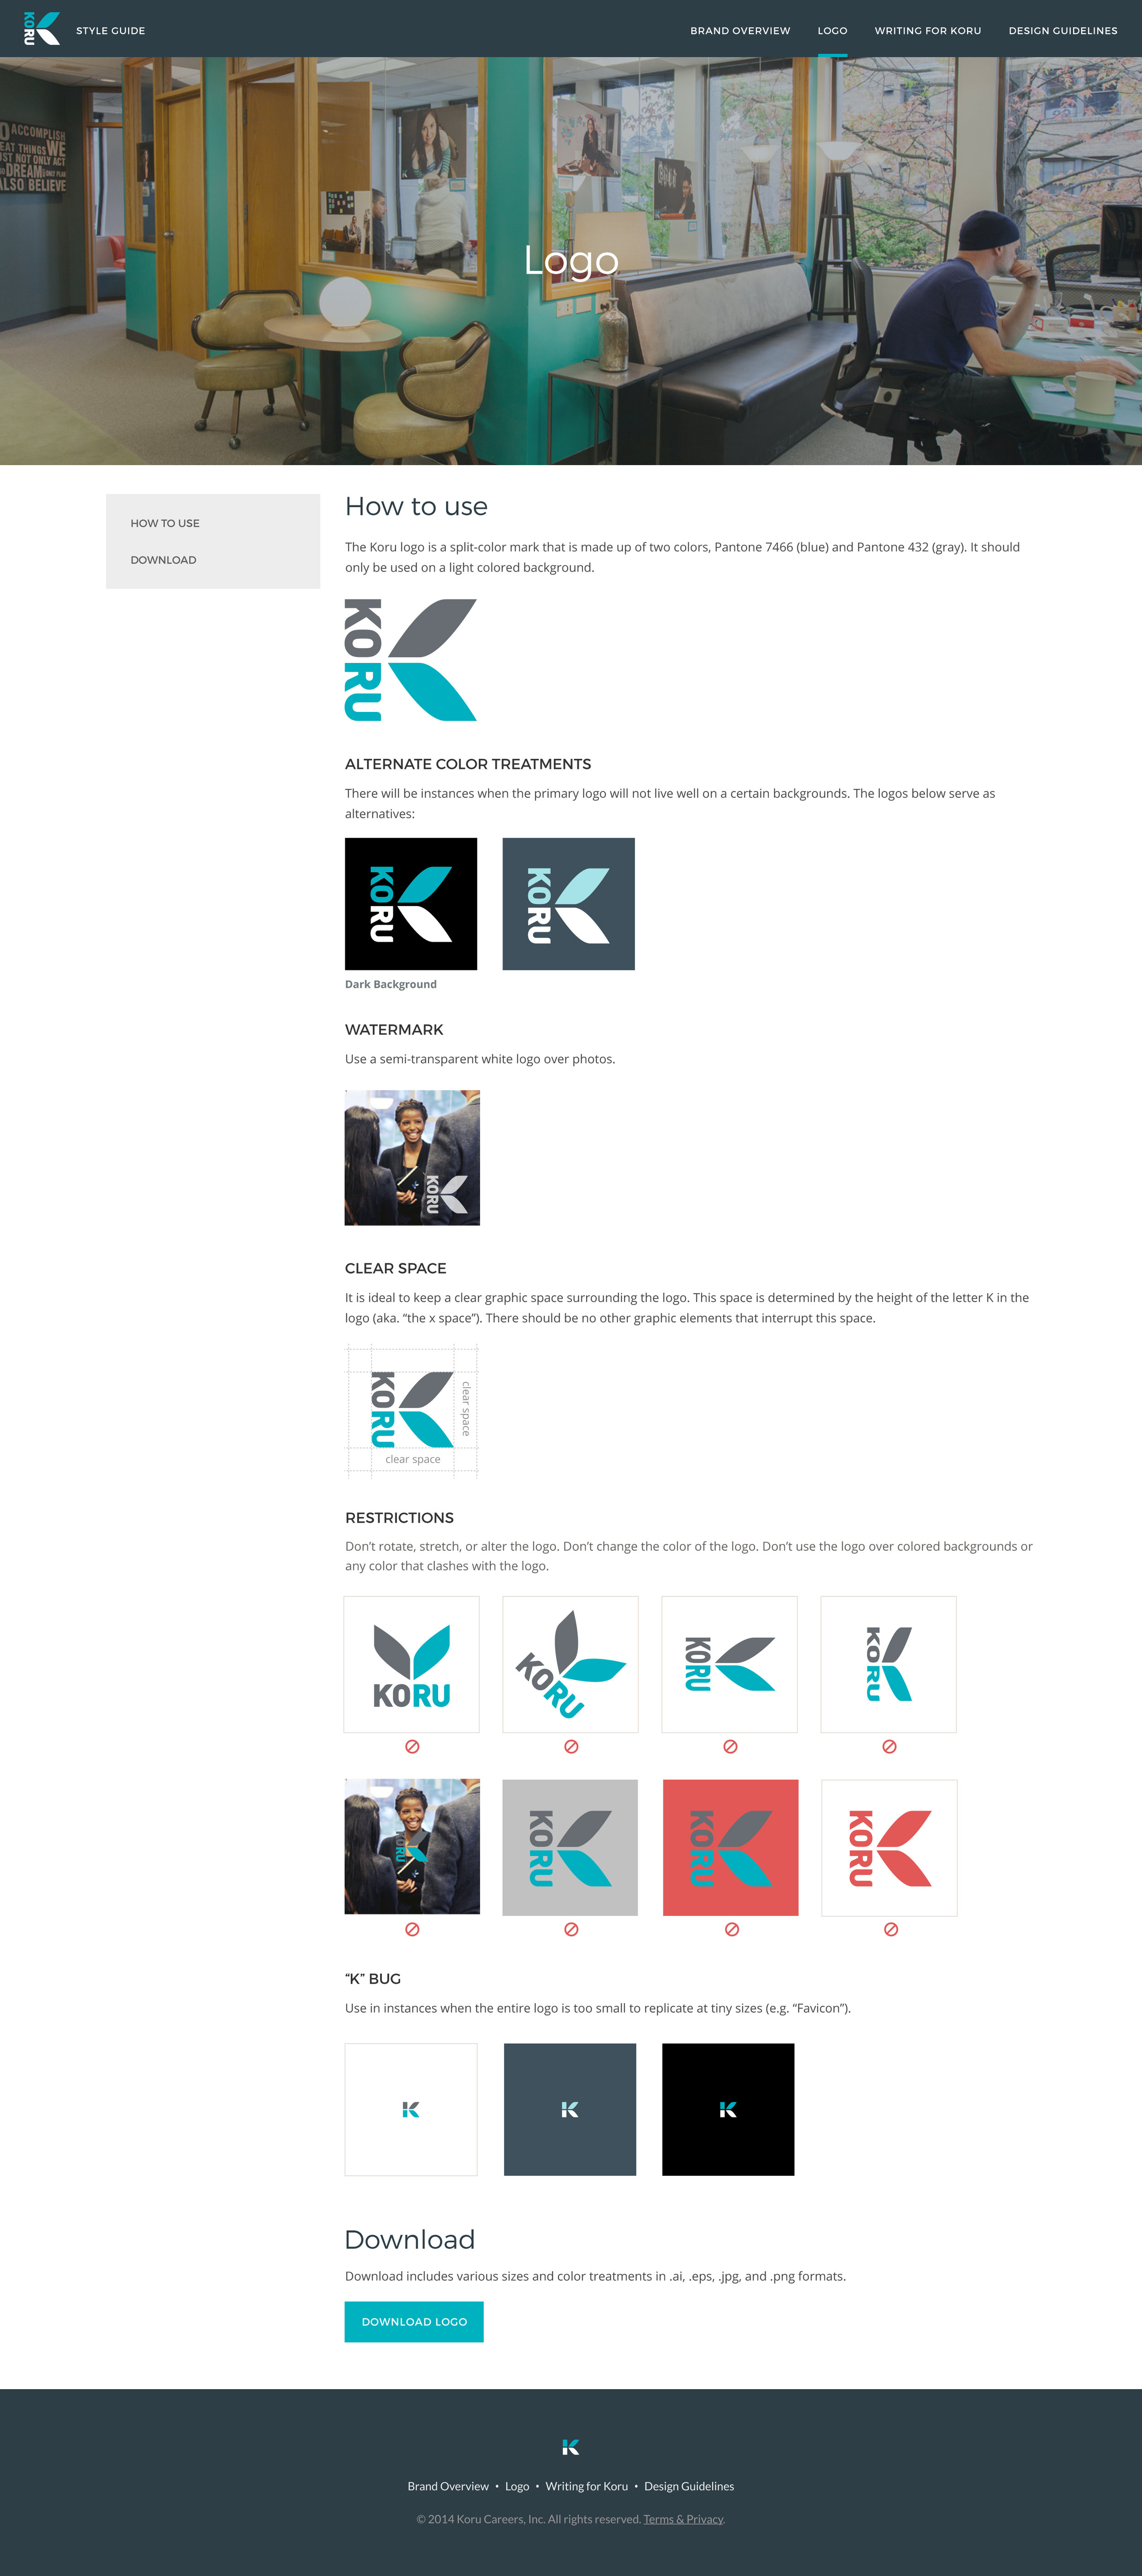 koru-styleguide-logo.jpg